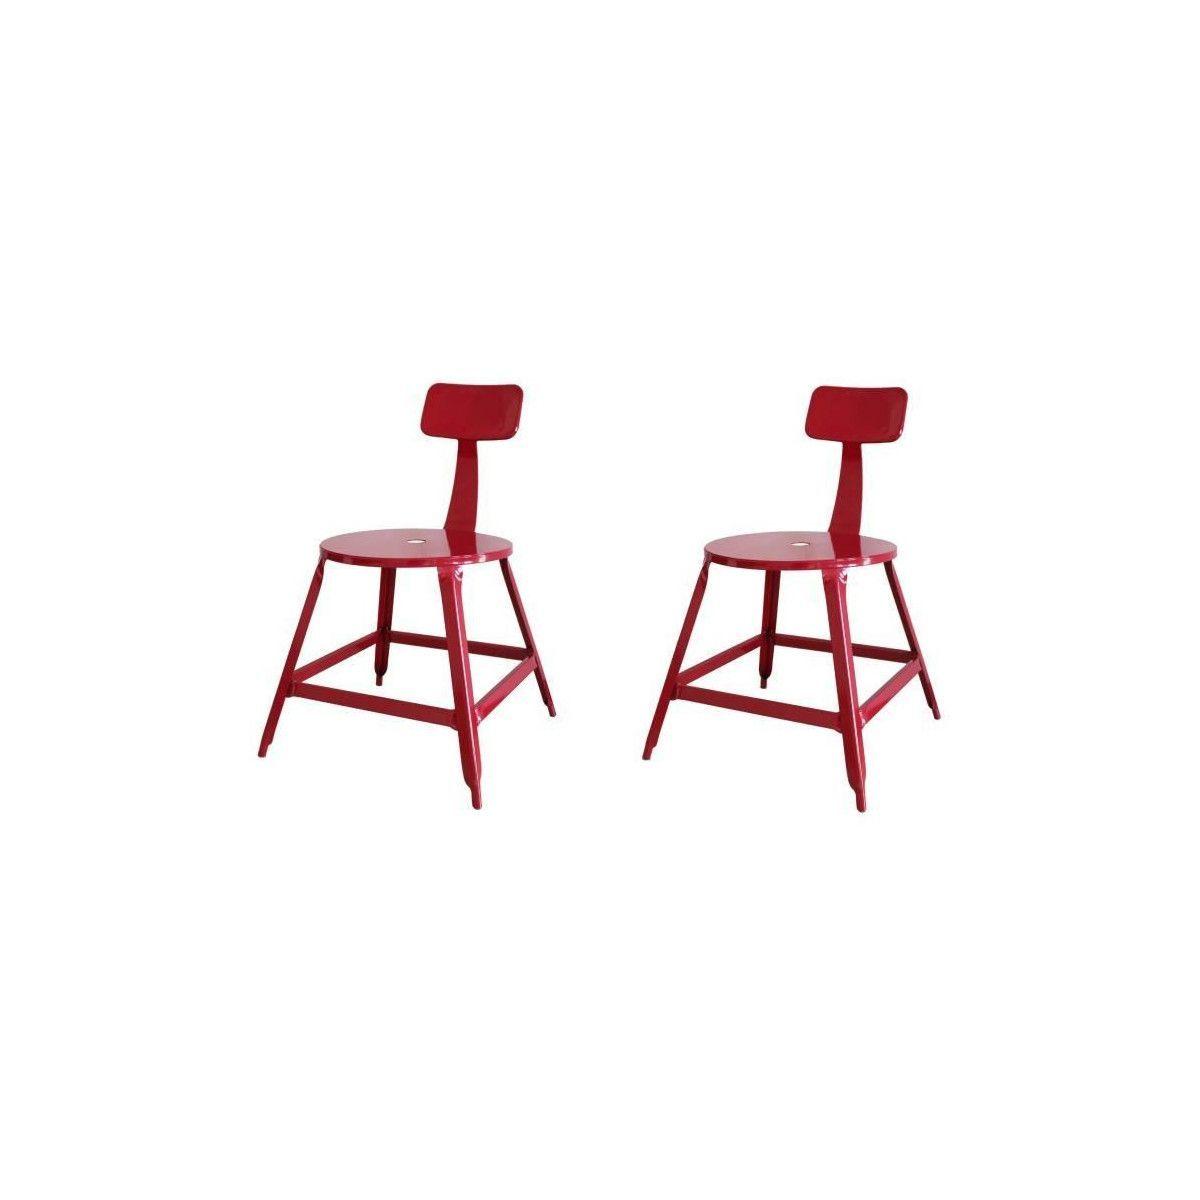 chaises salle LOFT manger 2 a rouge metal Lot de de mnv0wN8